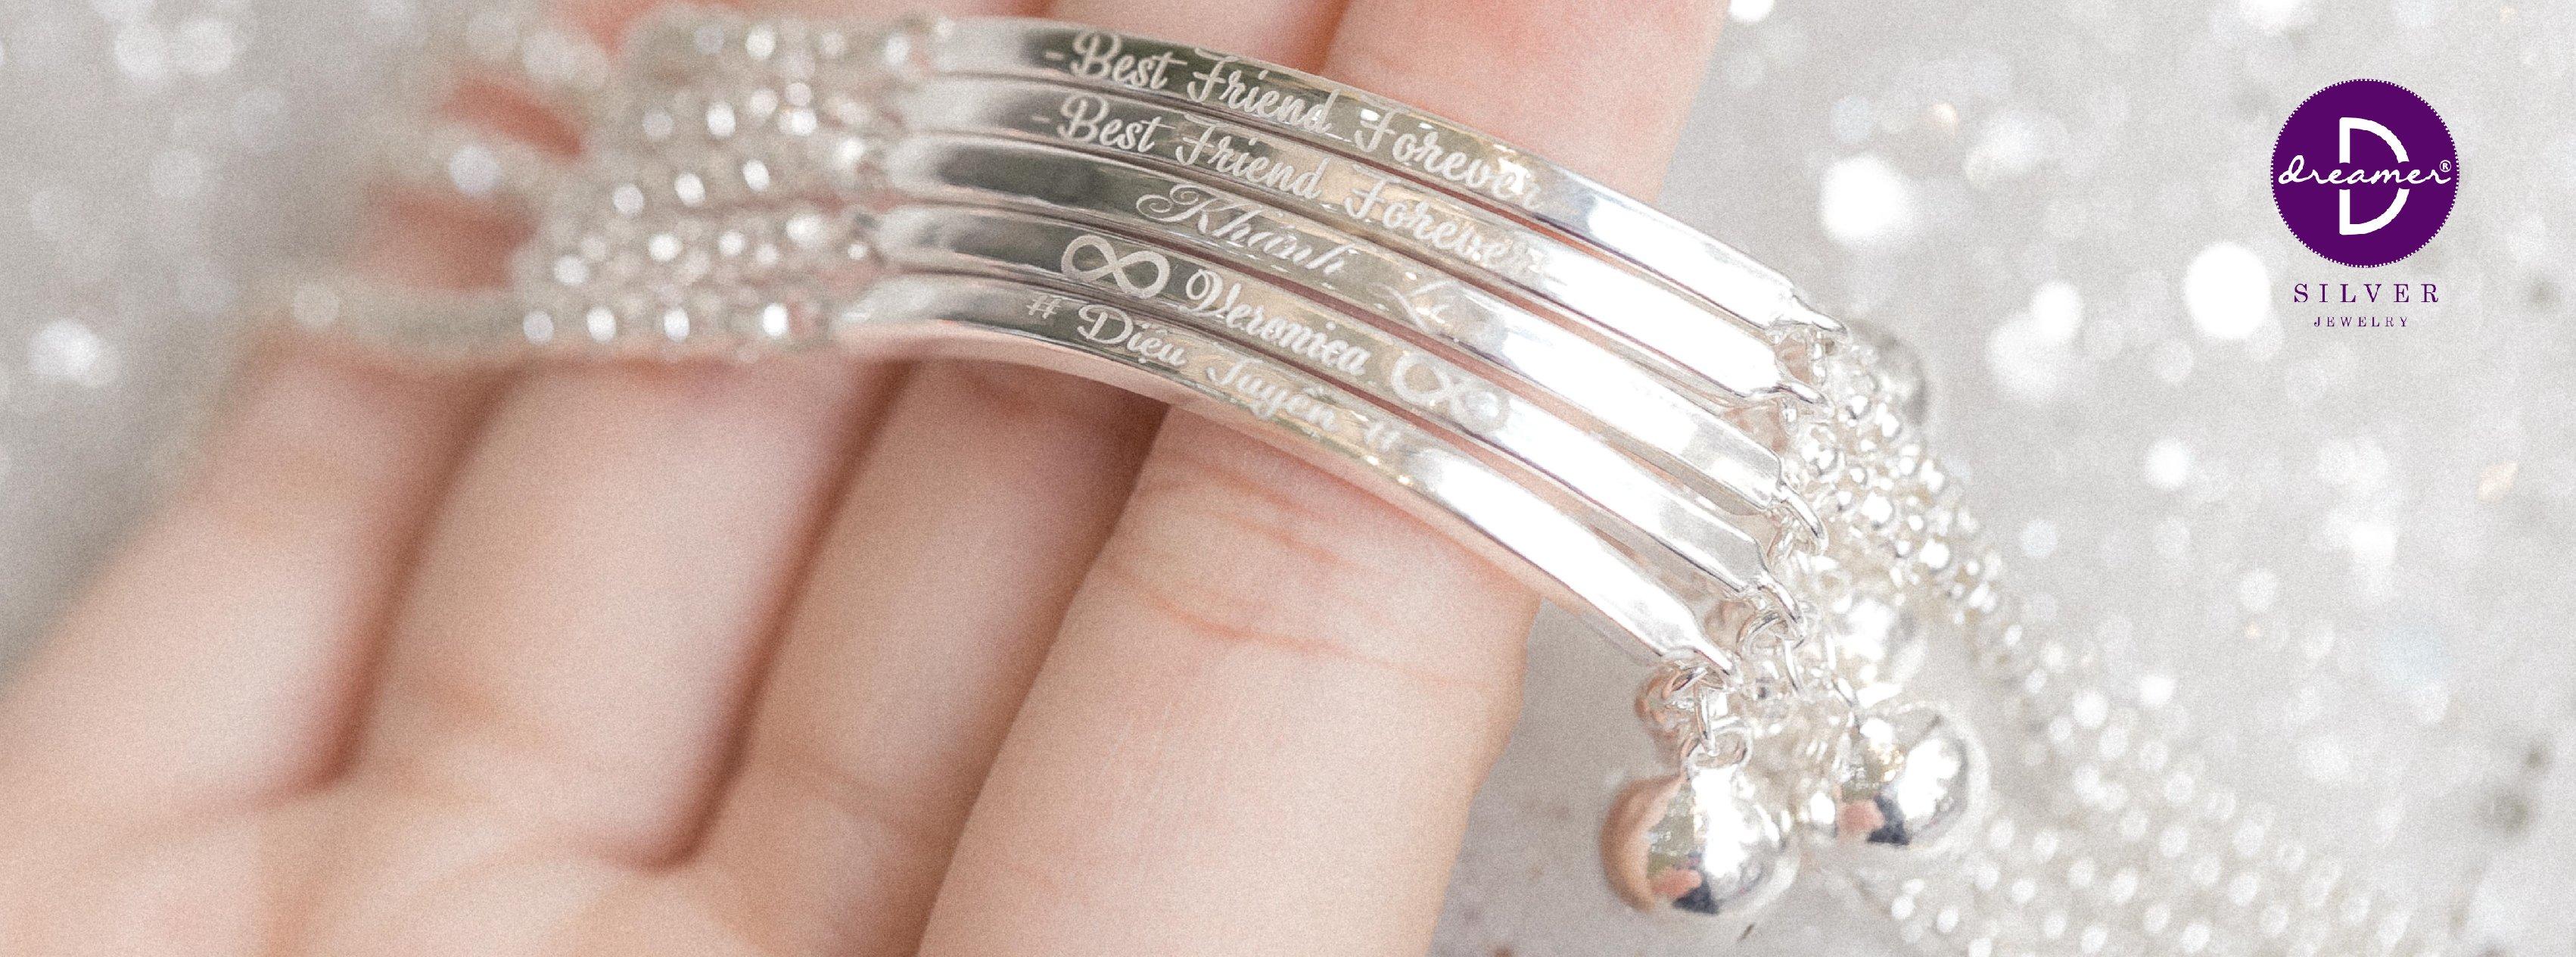 Vòng tay bạc Khắc chữ